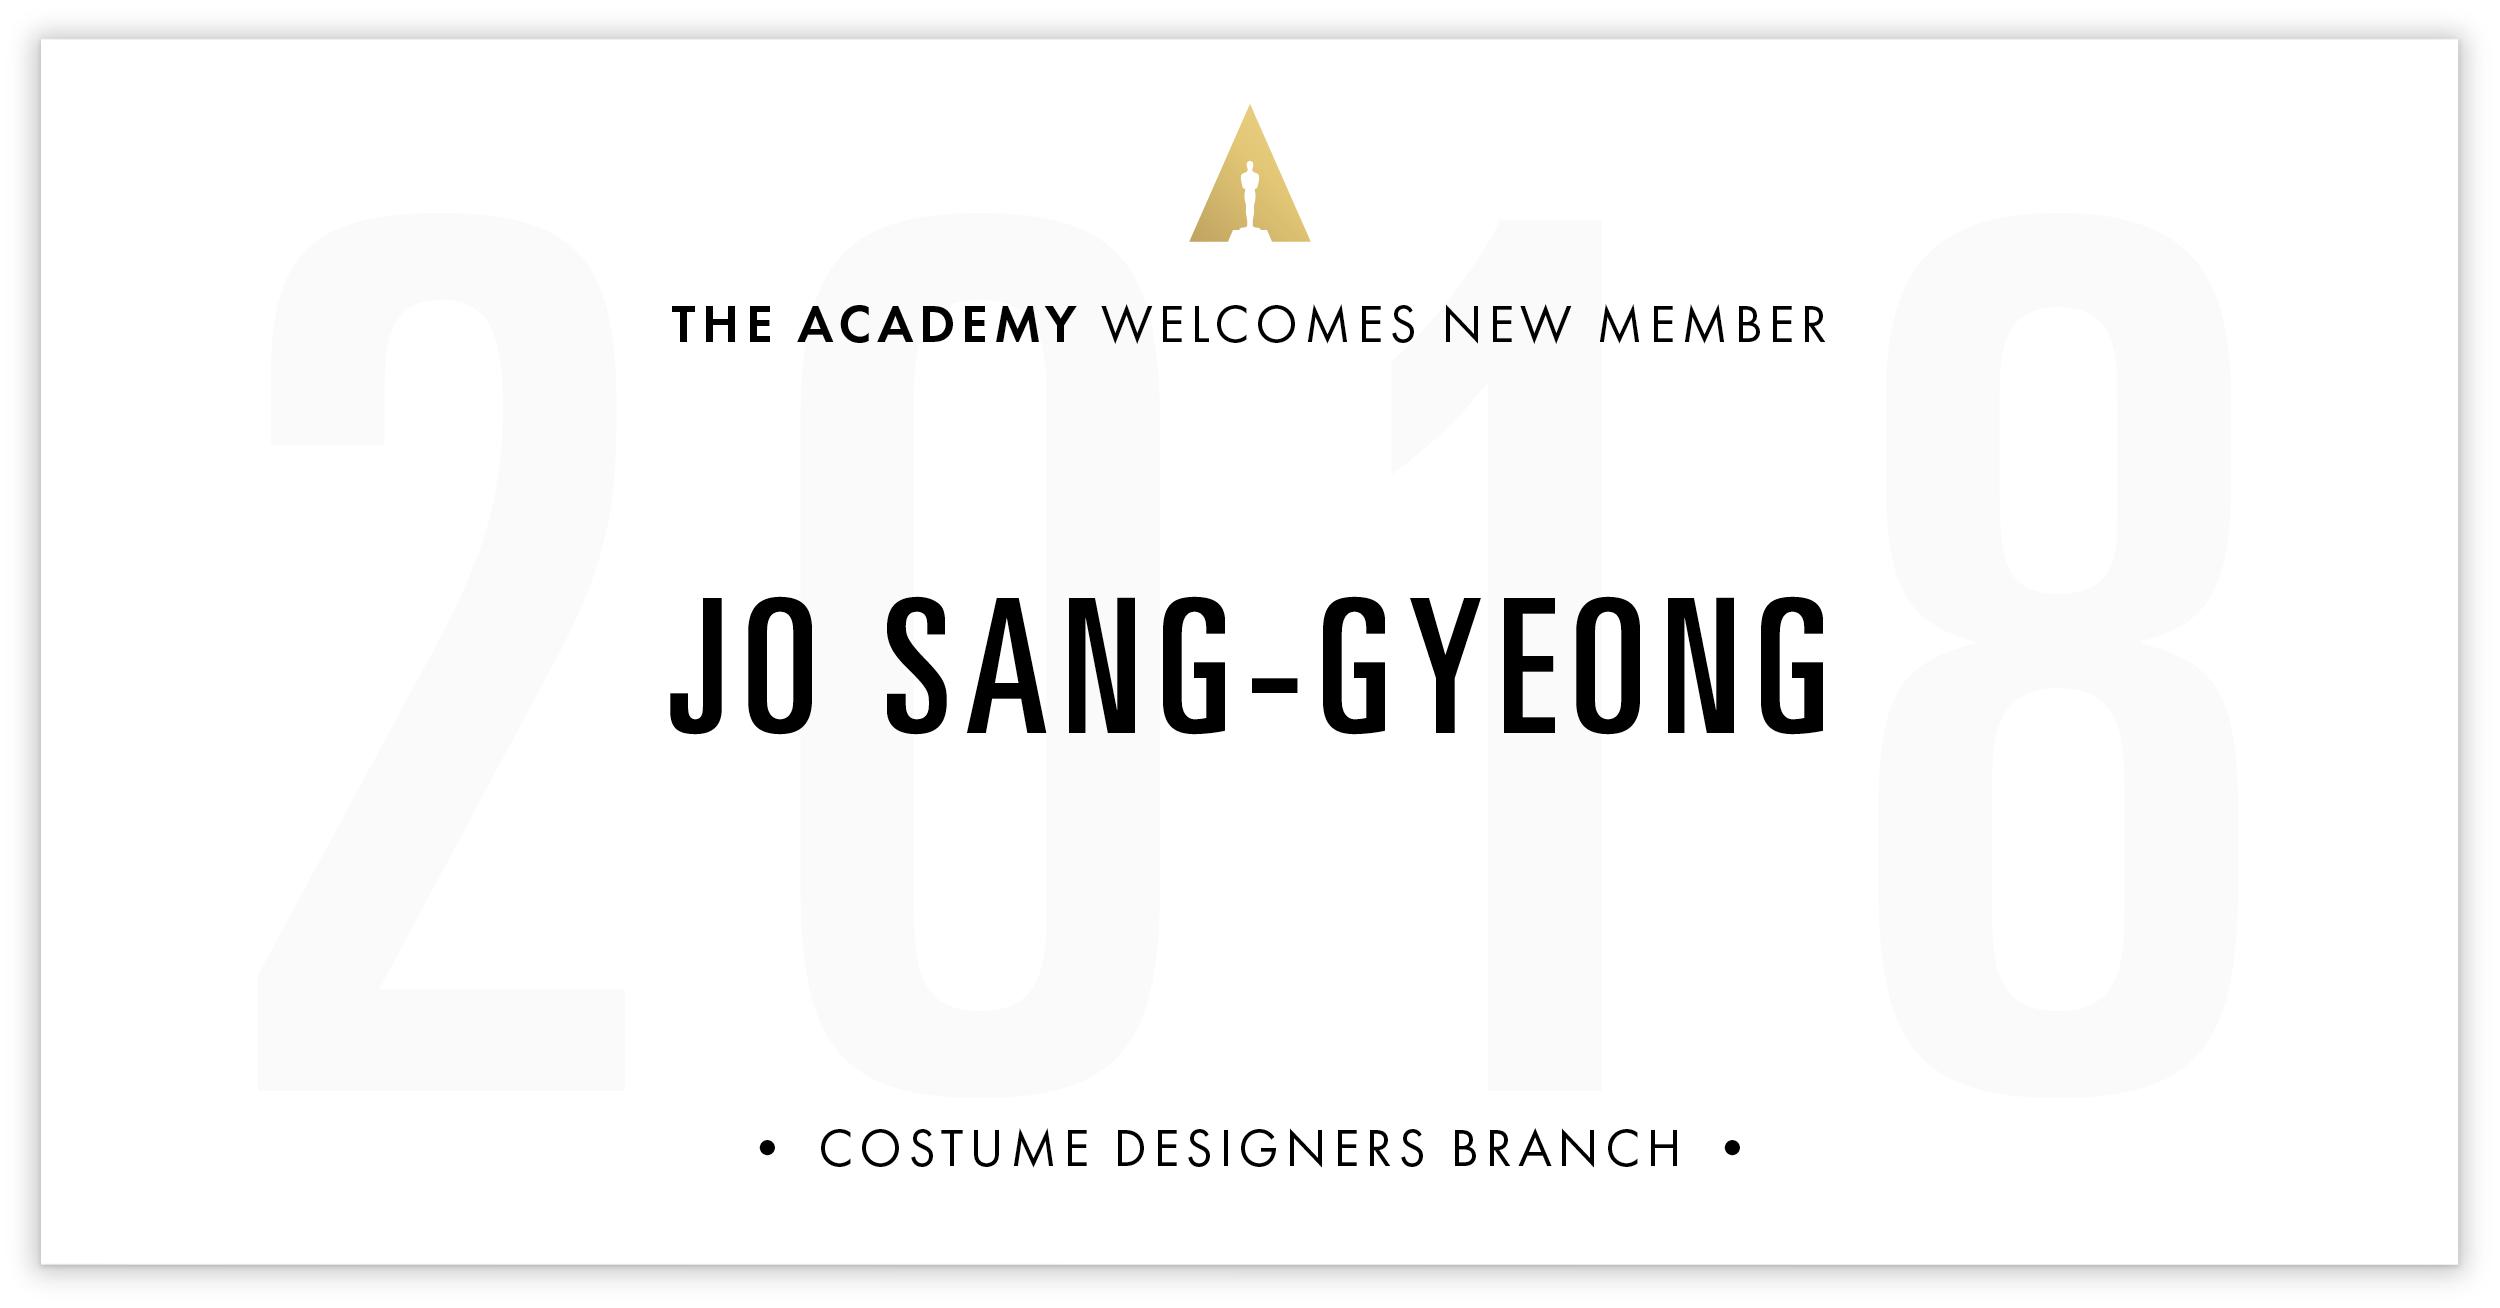 Jo Sang-Gyeong is invited!